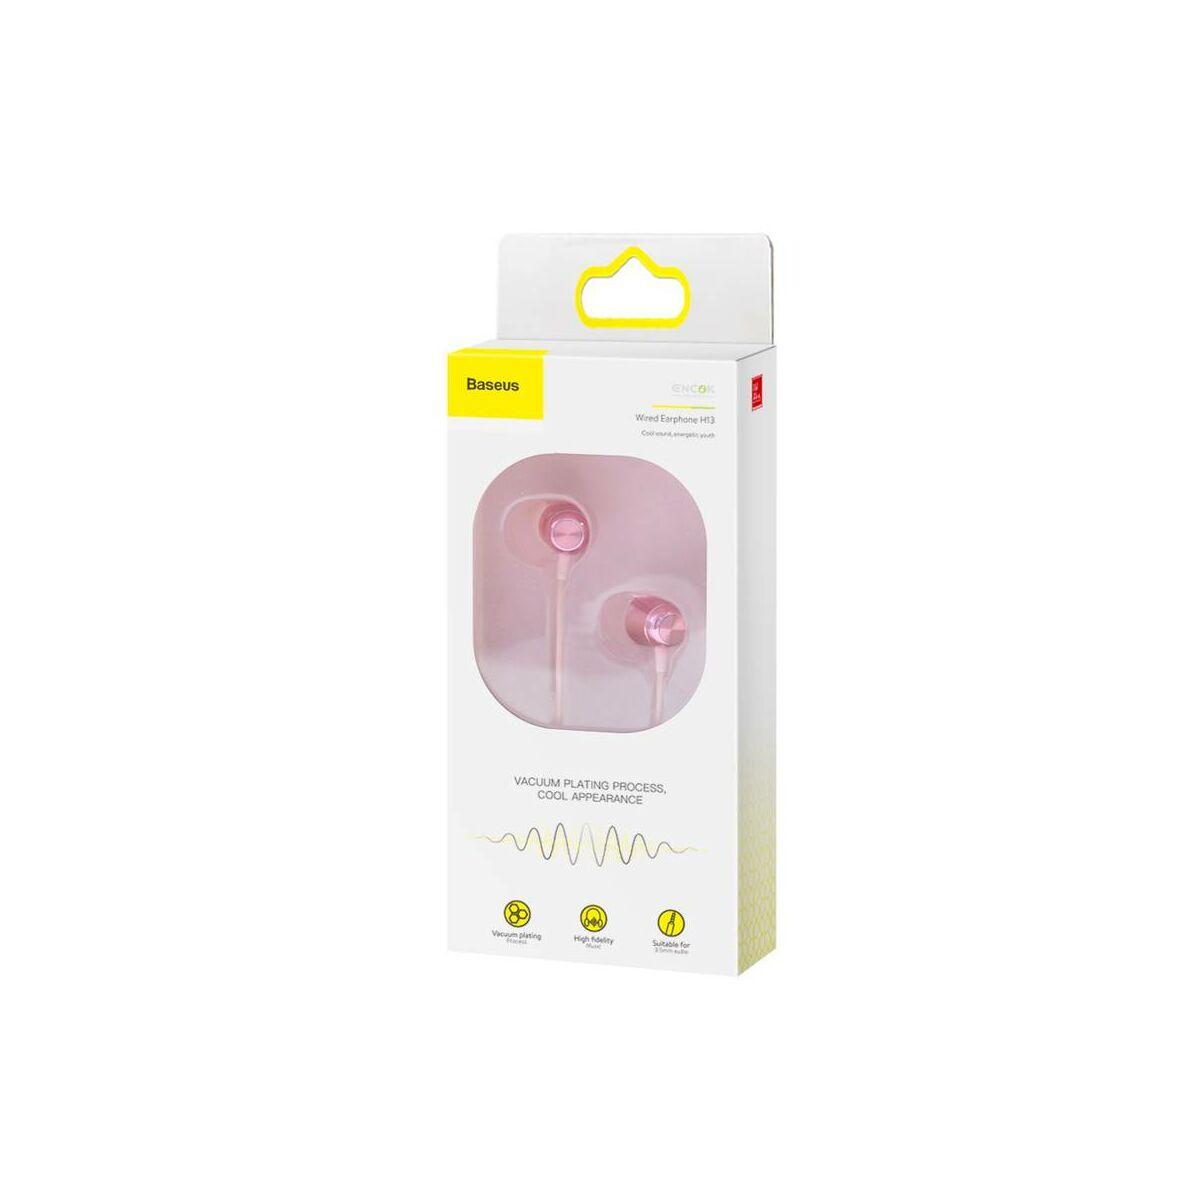 Baseus fülhallgató, Encok H13, vezetékes, vezérlővel, rózsaszín (NGH13-04)